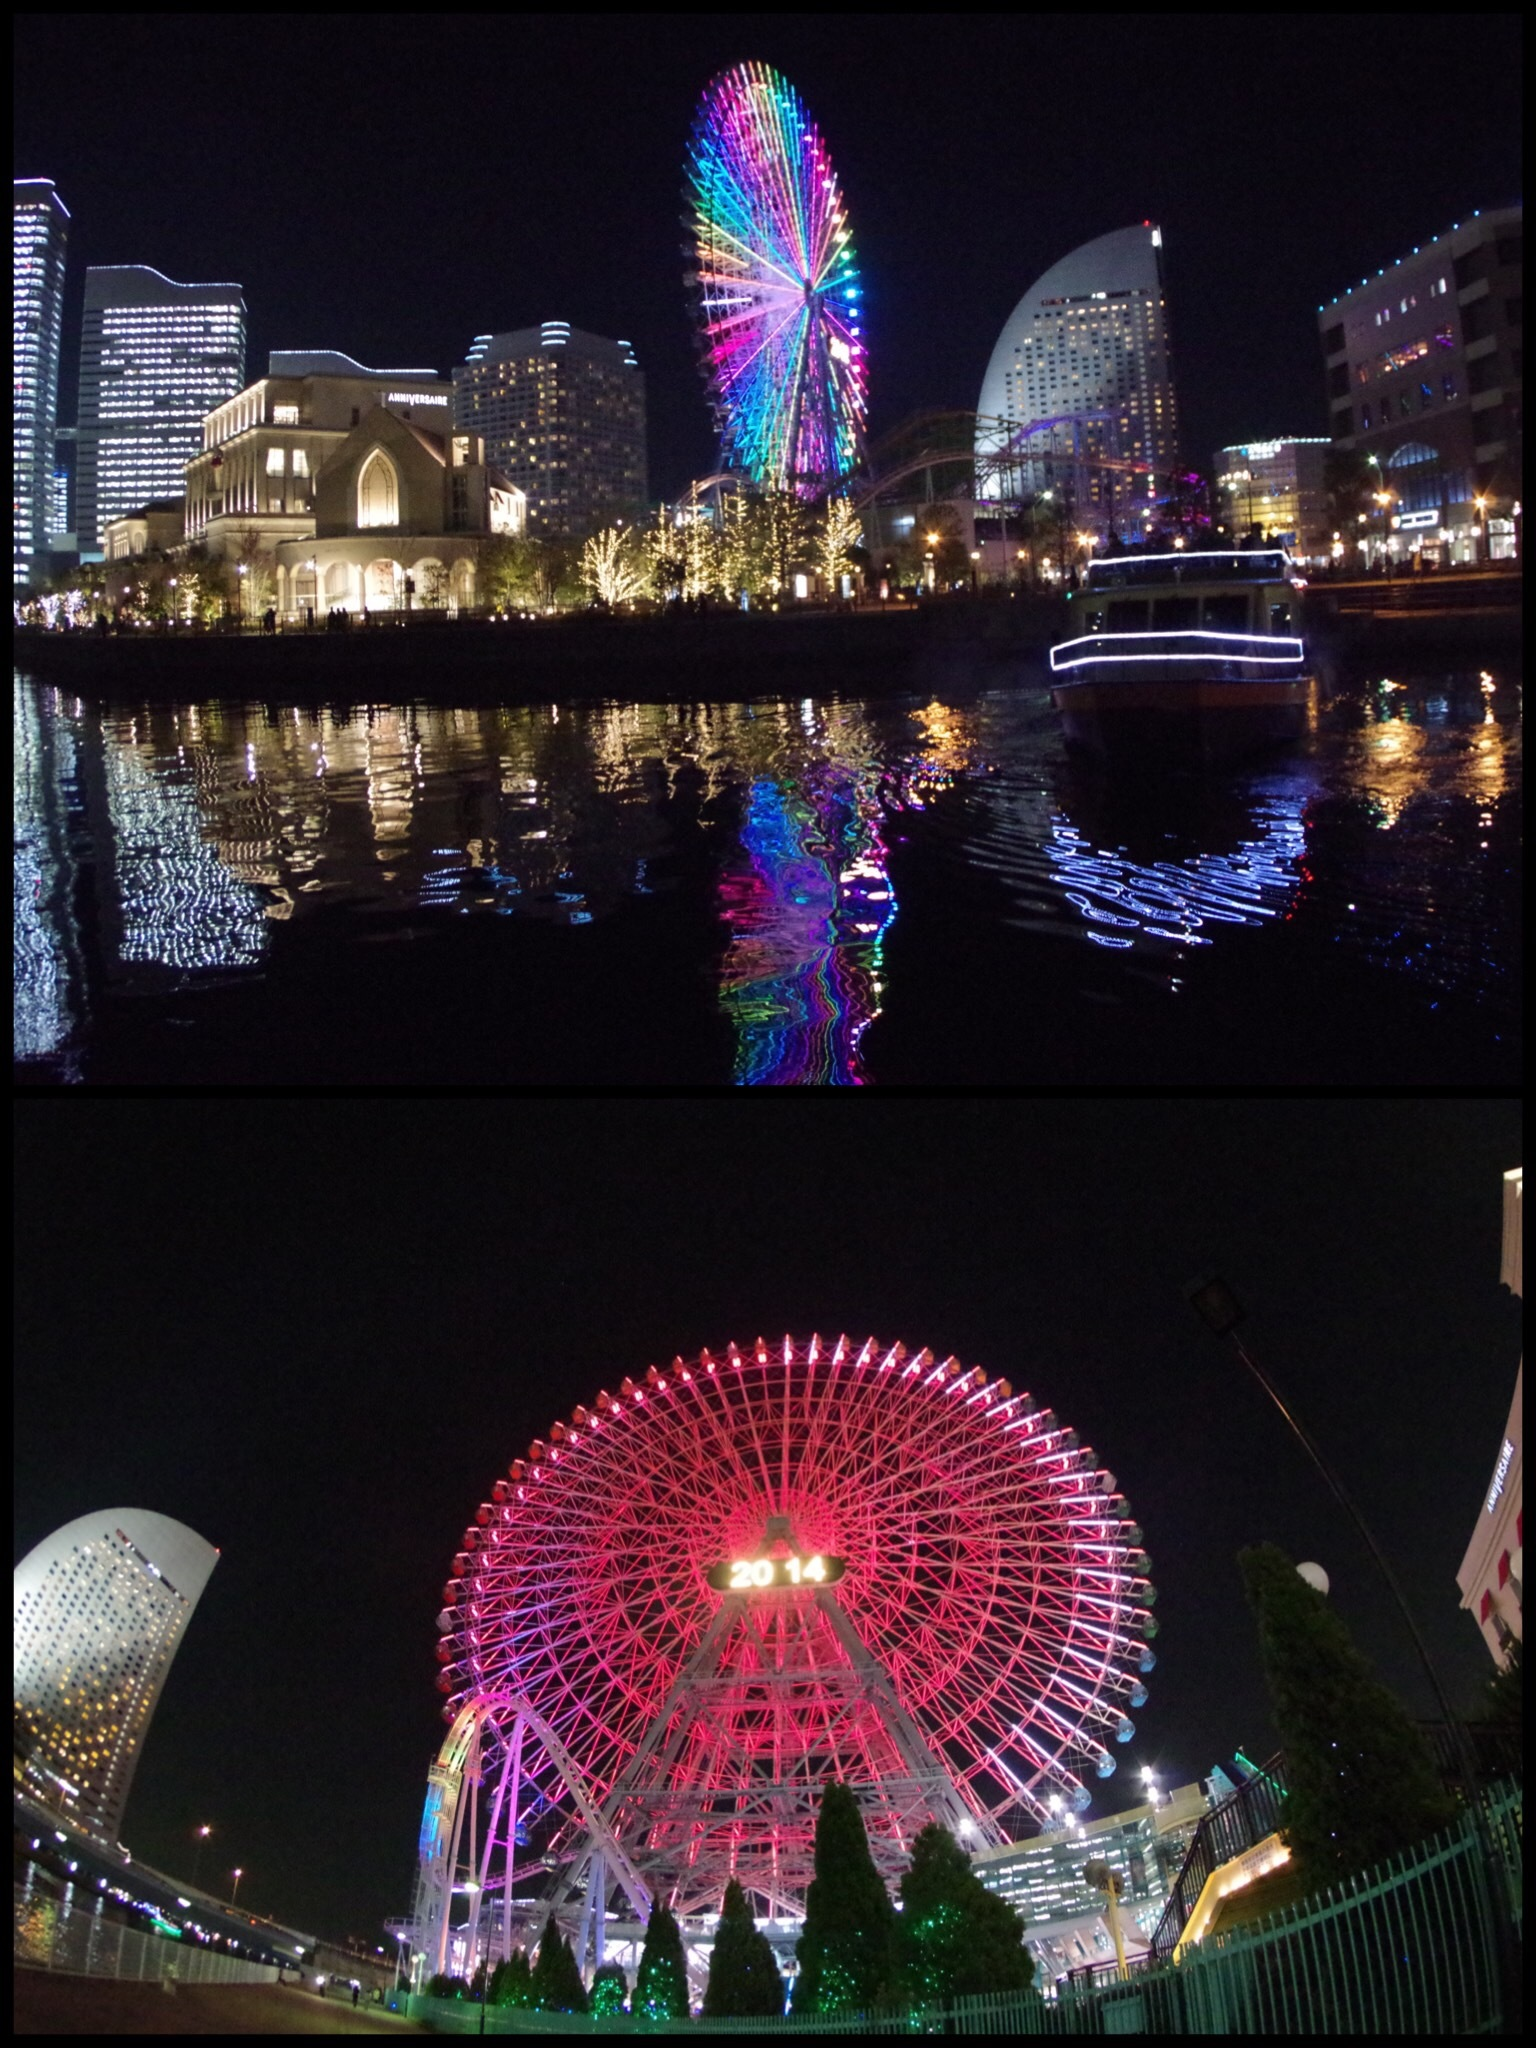 ヨコハマグランドインターコンチネンタルホテル intercontinental grand yokohama クリスマス夜景